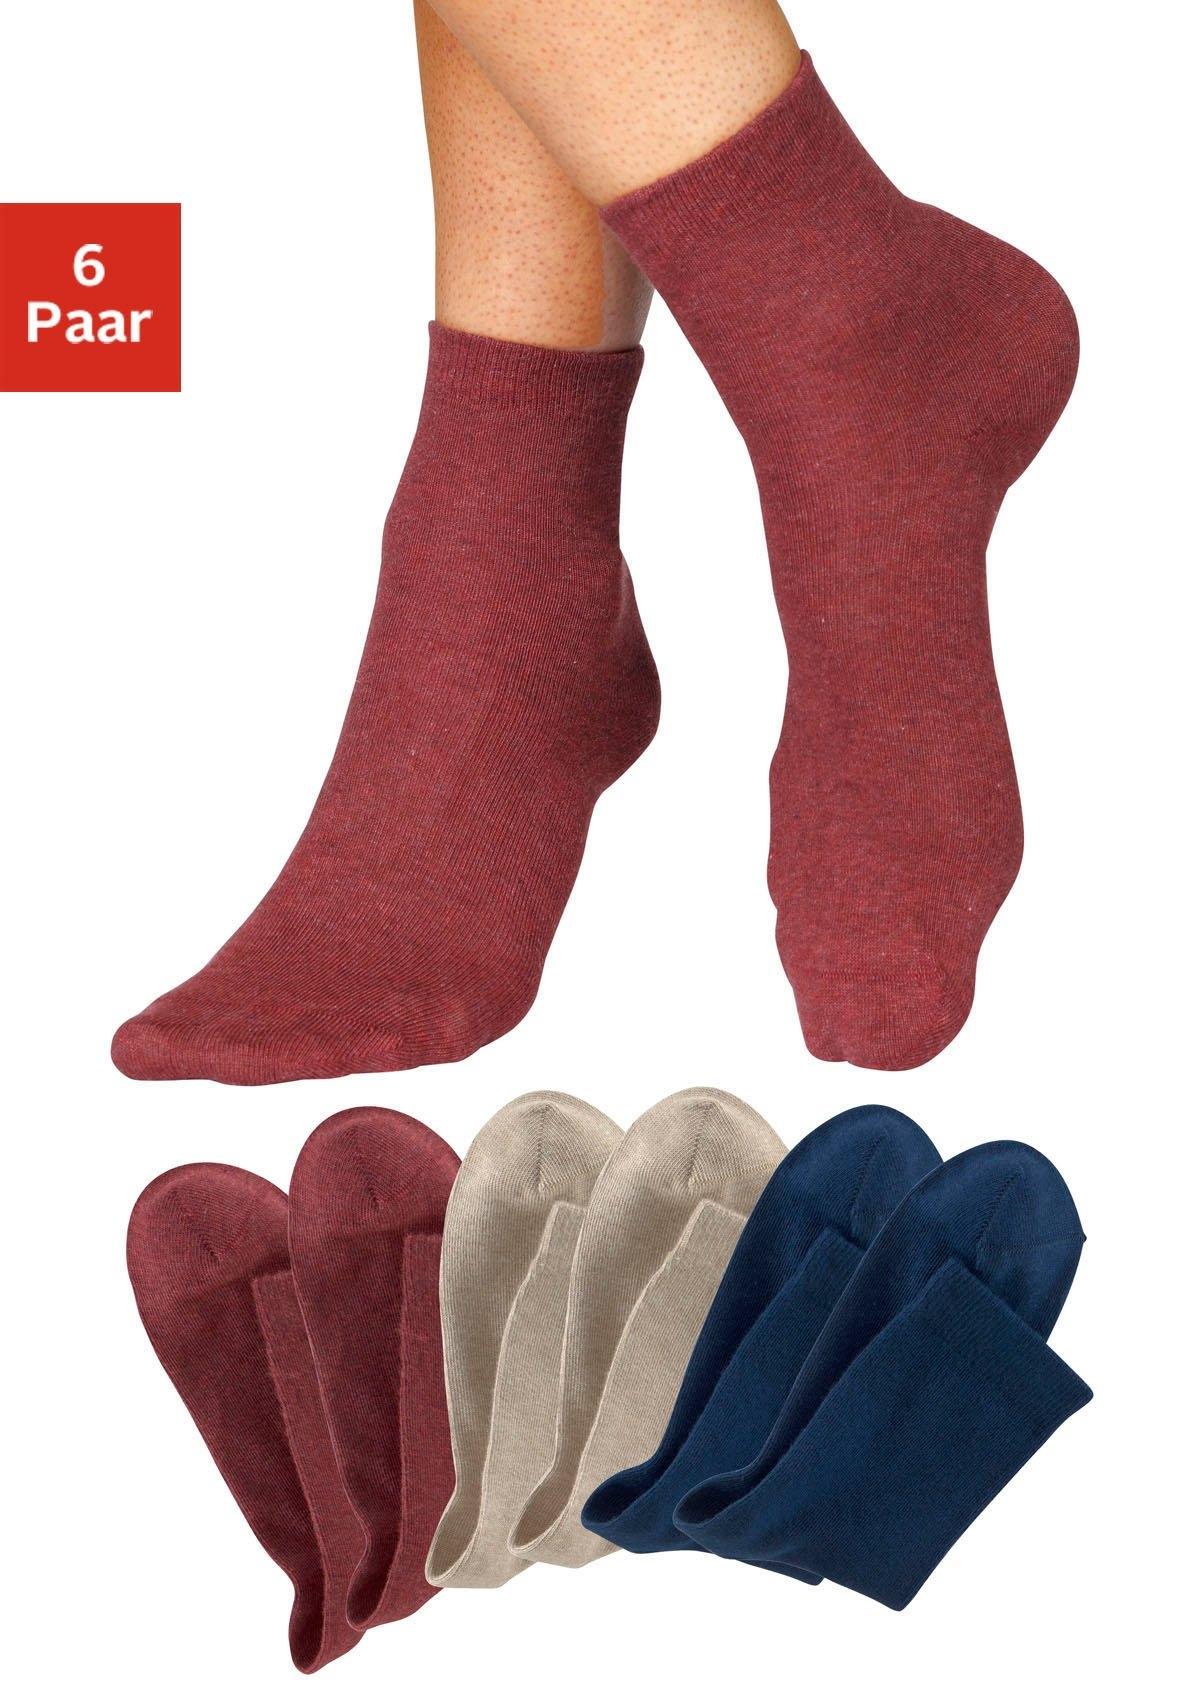 H.I.S sokken (6 paar) goedkoop op lascana.nl kopen